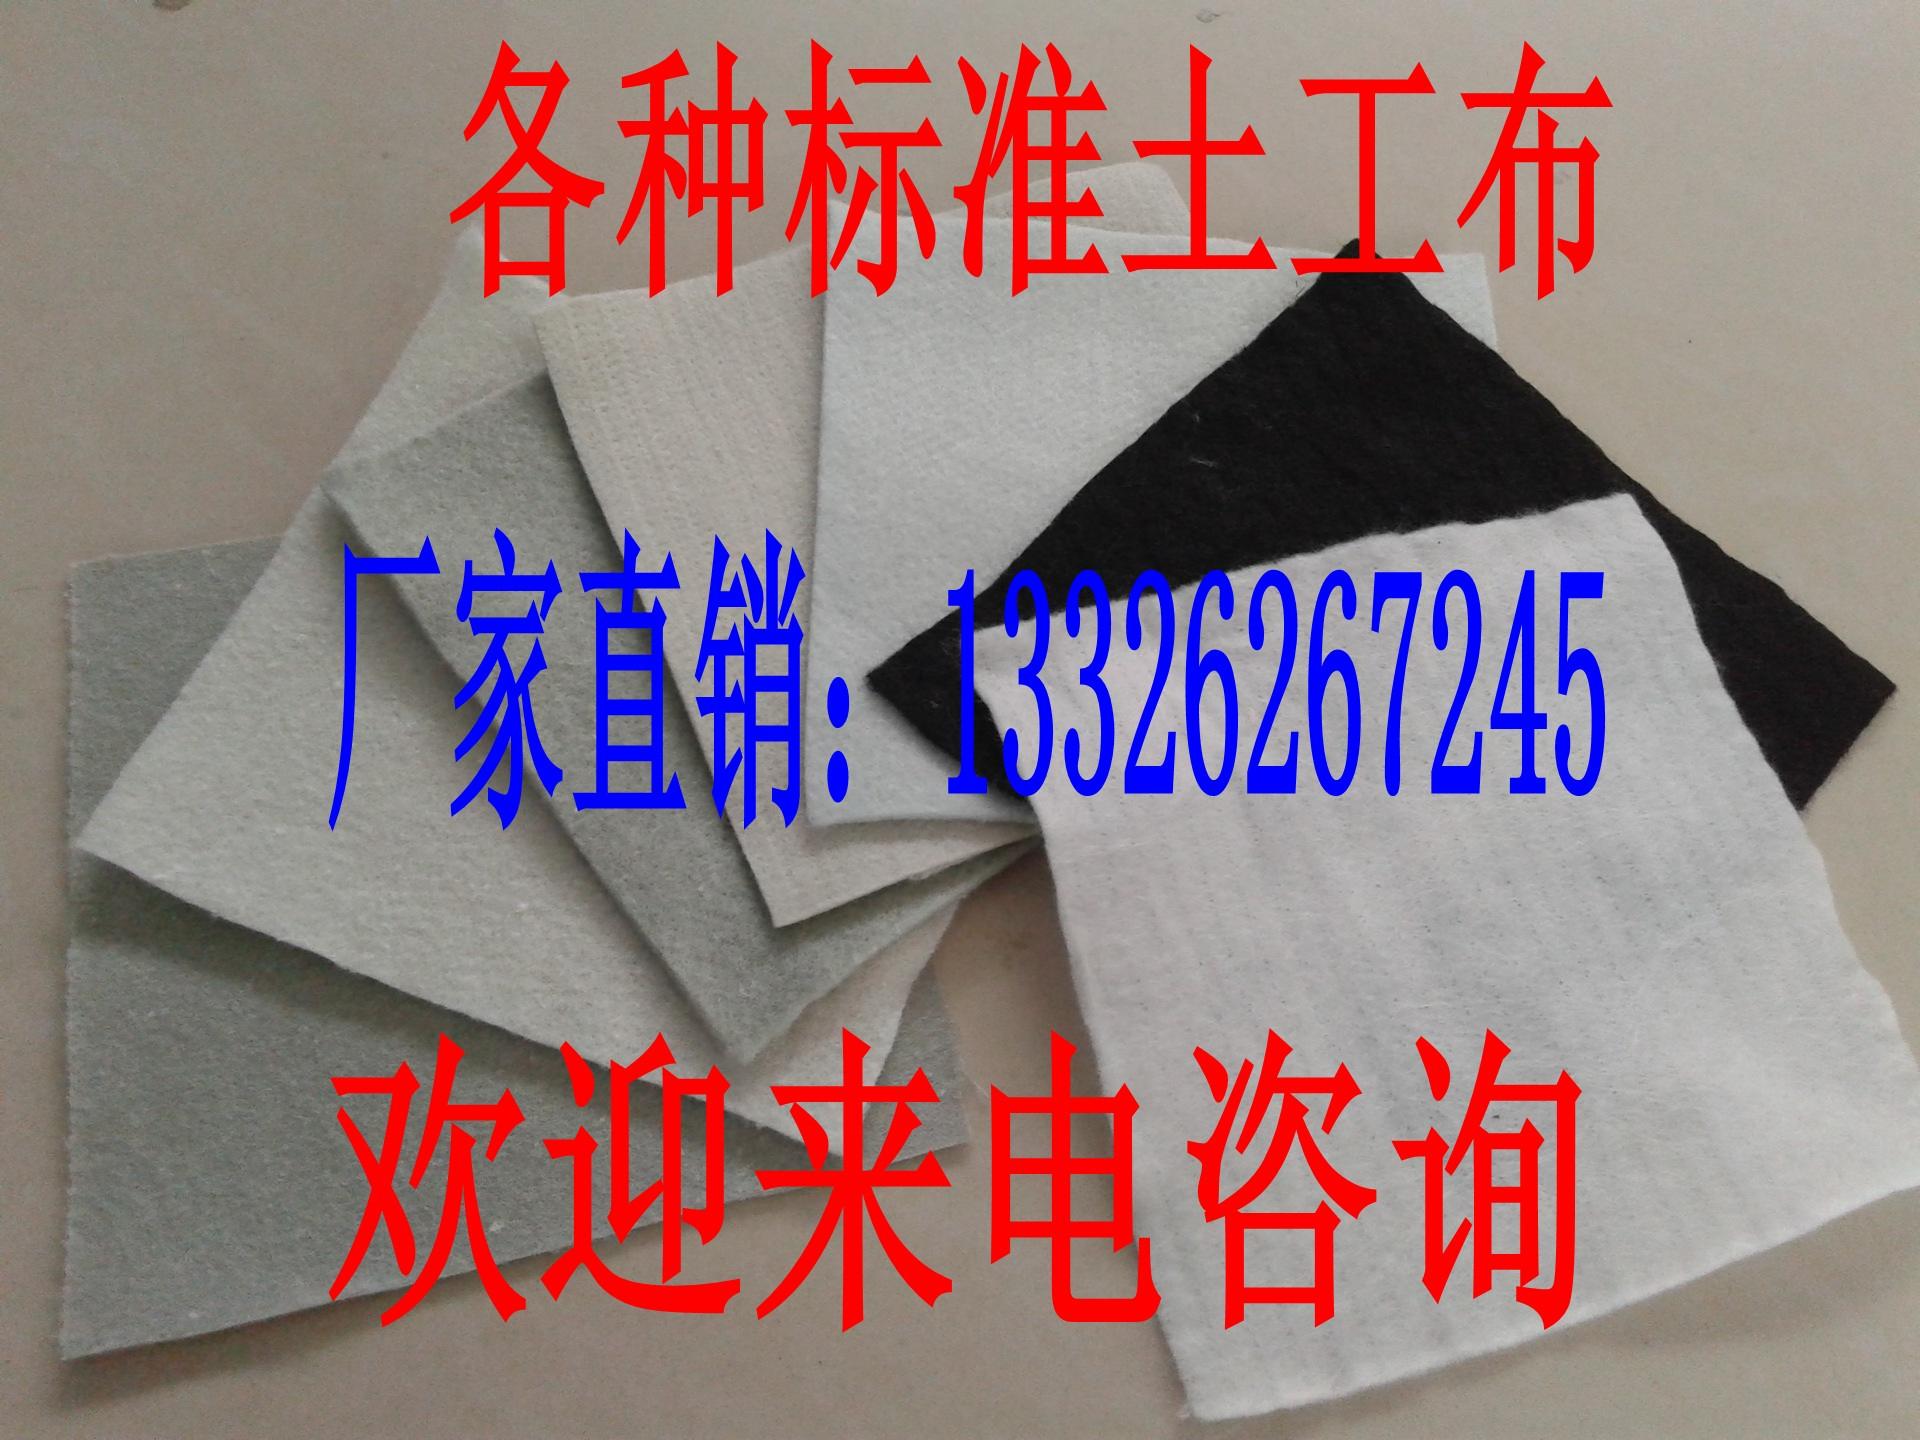 天津长丝土工布报价-经销商实业有限公司_混凝土_化工产品网